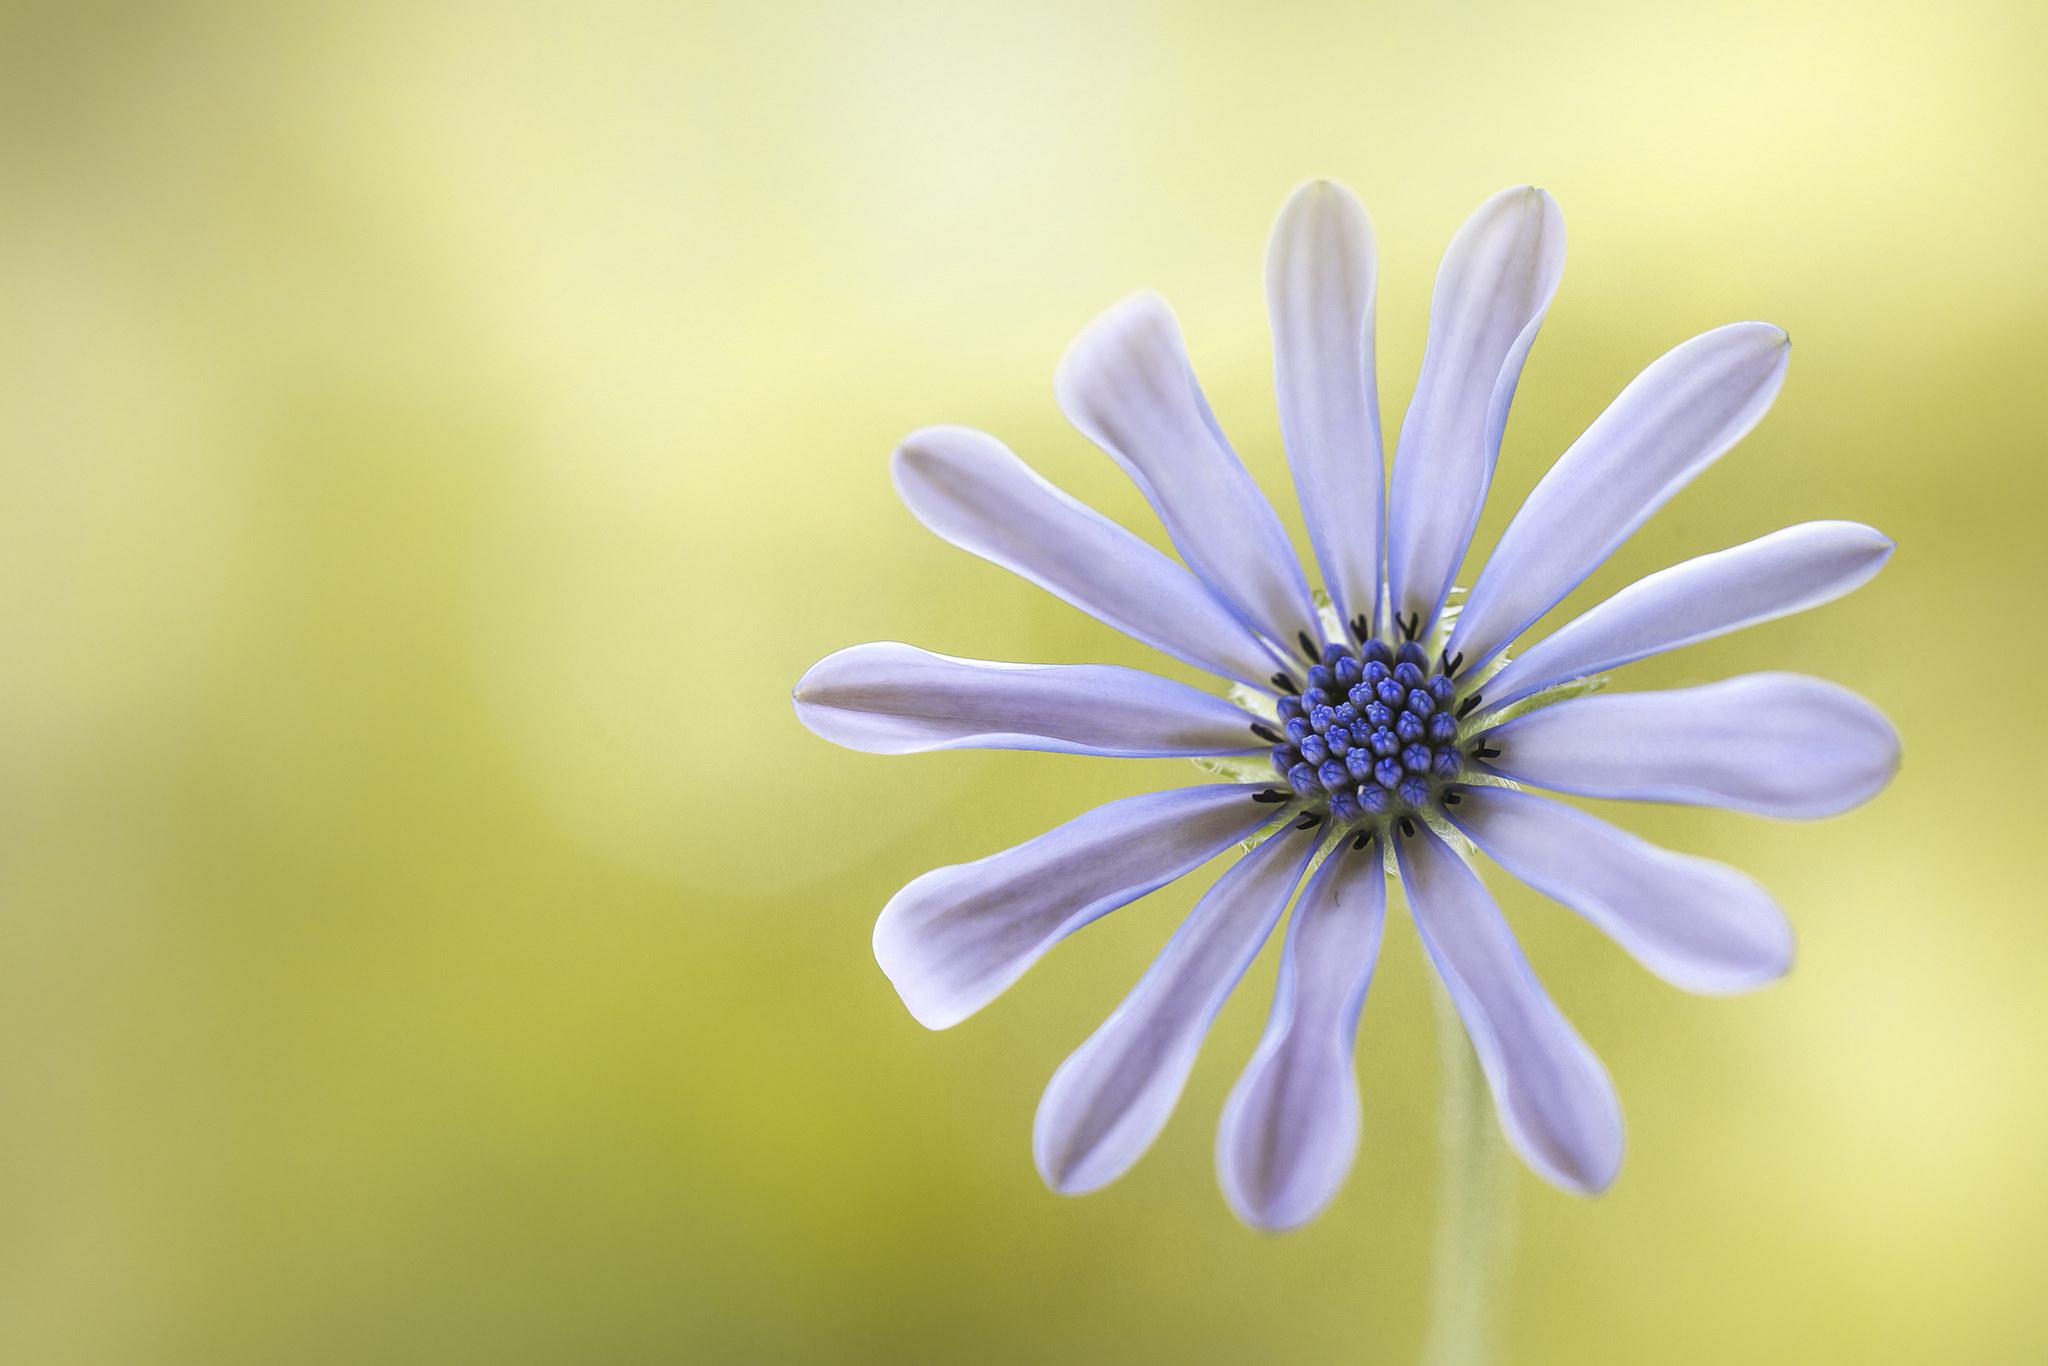 Flor púrpura - 2048x1366